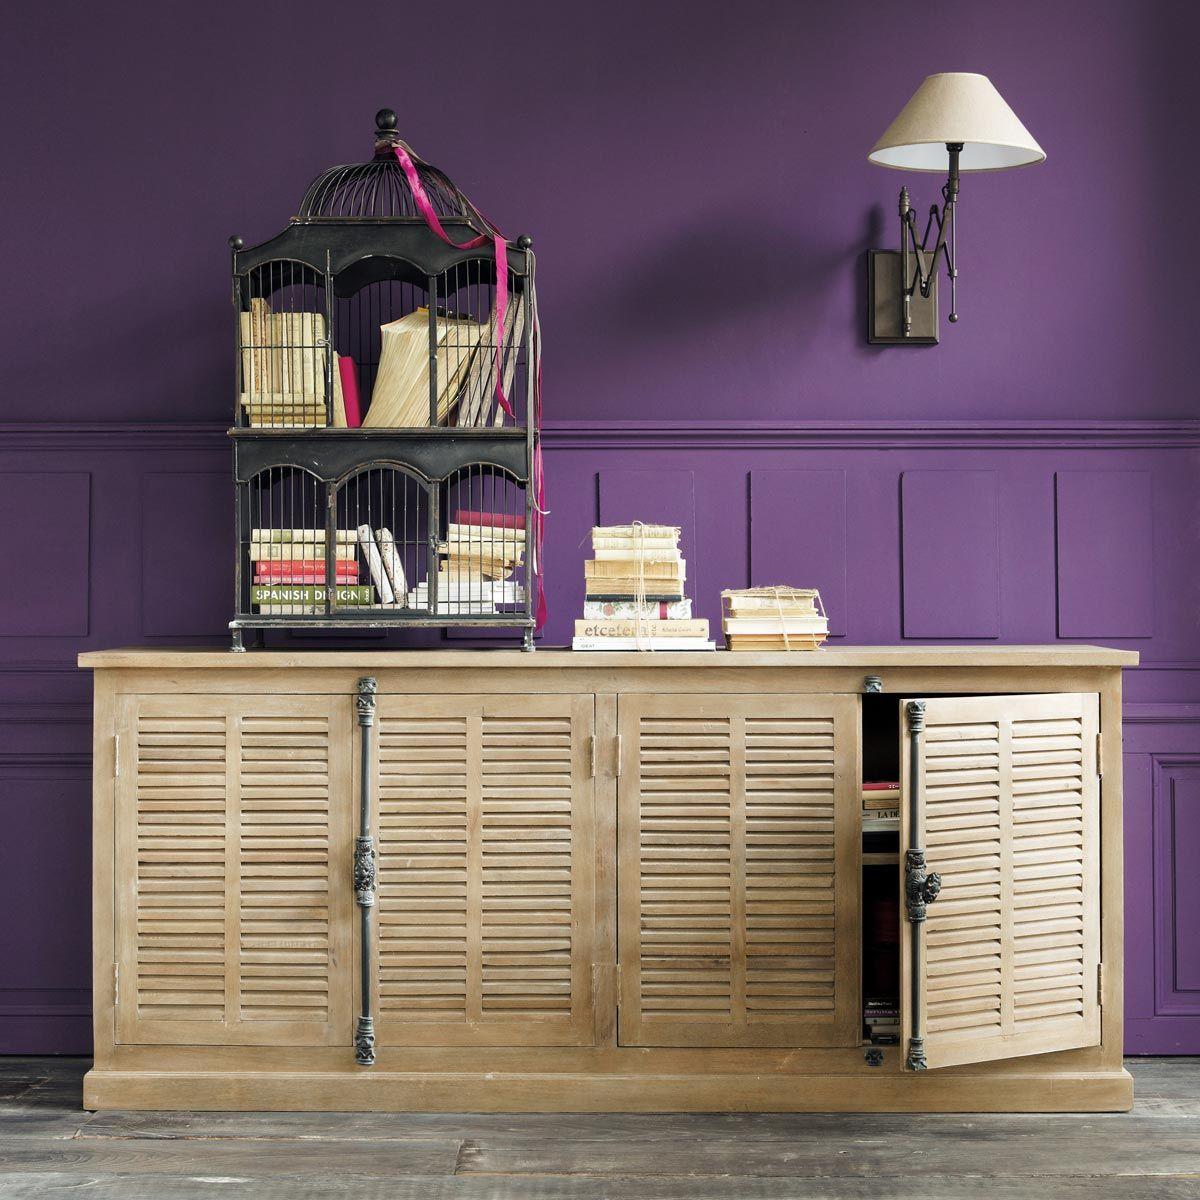 les livres ne pourront pas s 39 envoler bien rang s dans cette cage home d co pinterest. Black Bedroom Furniture Sets. Home Design Ideas